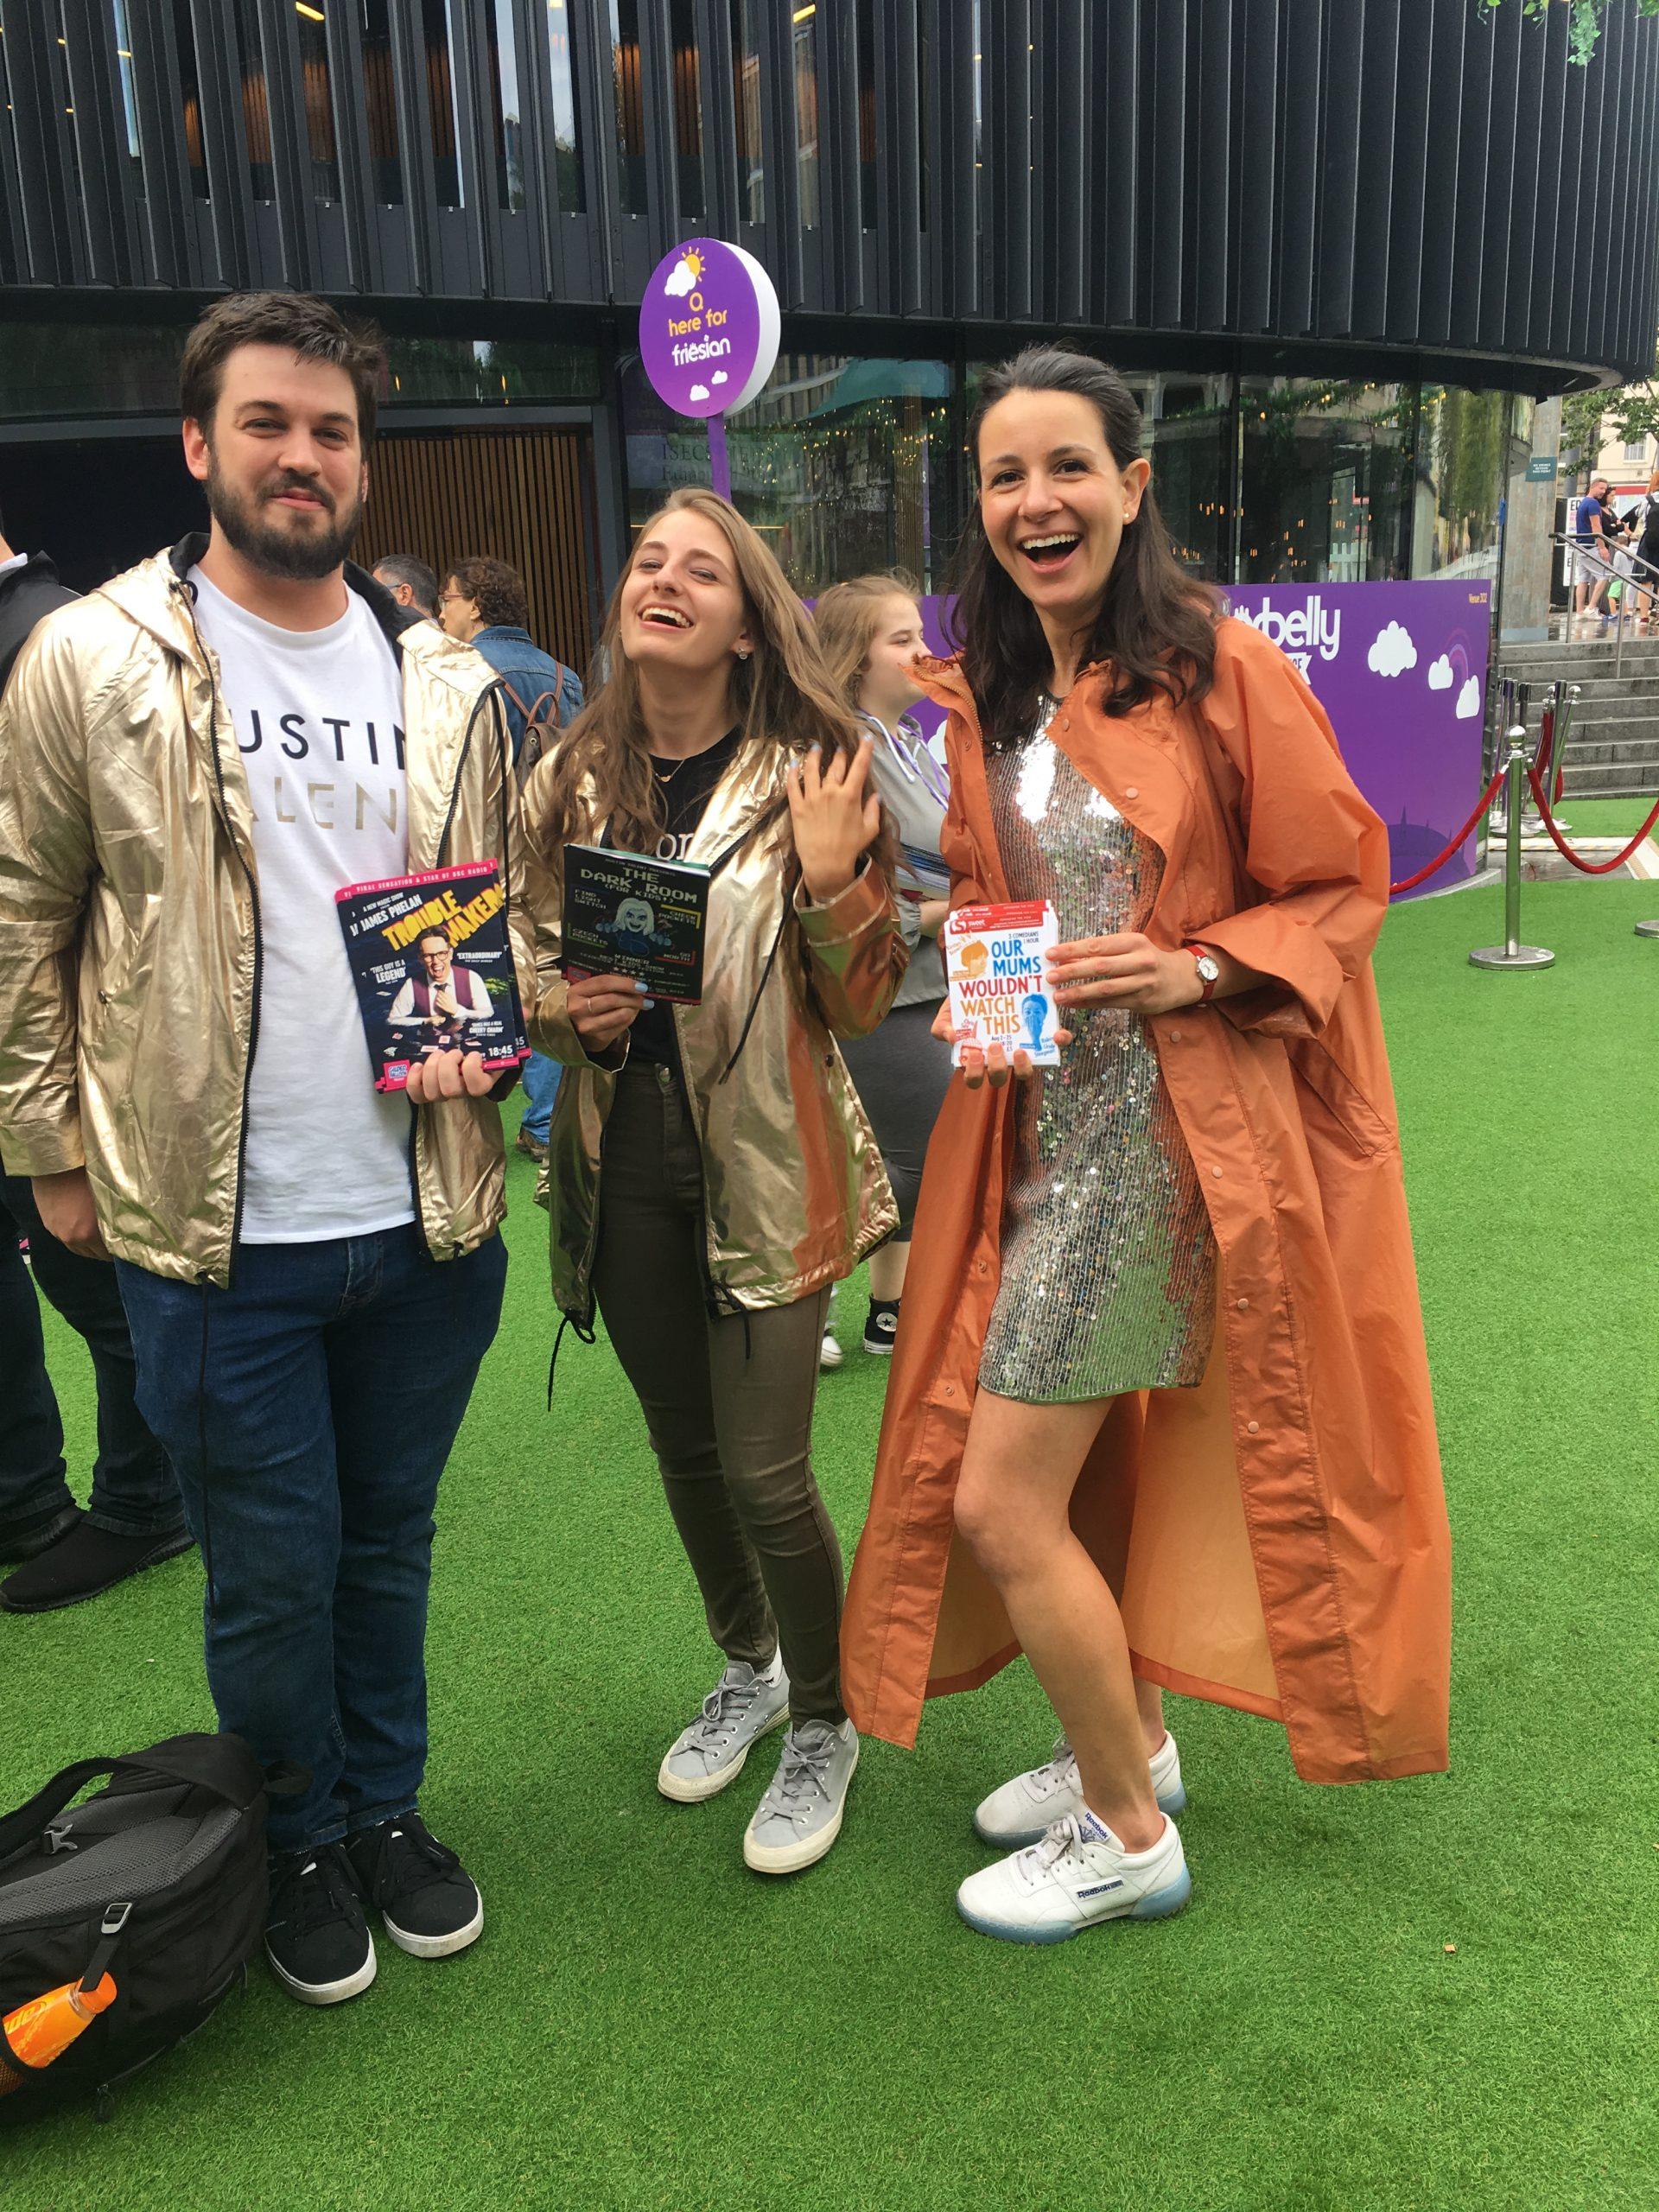 Edinburgh Fringe Festival 2019